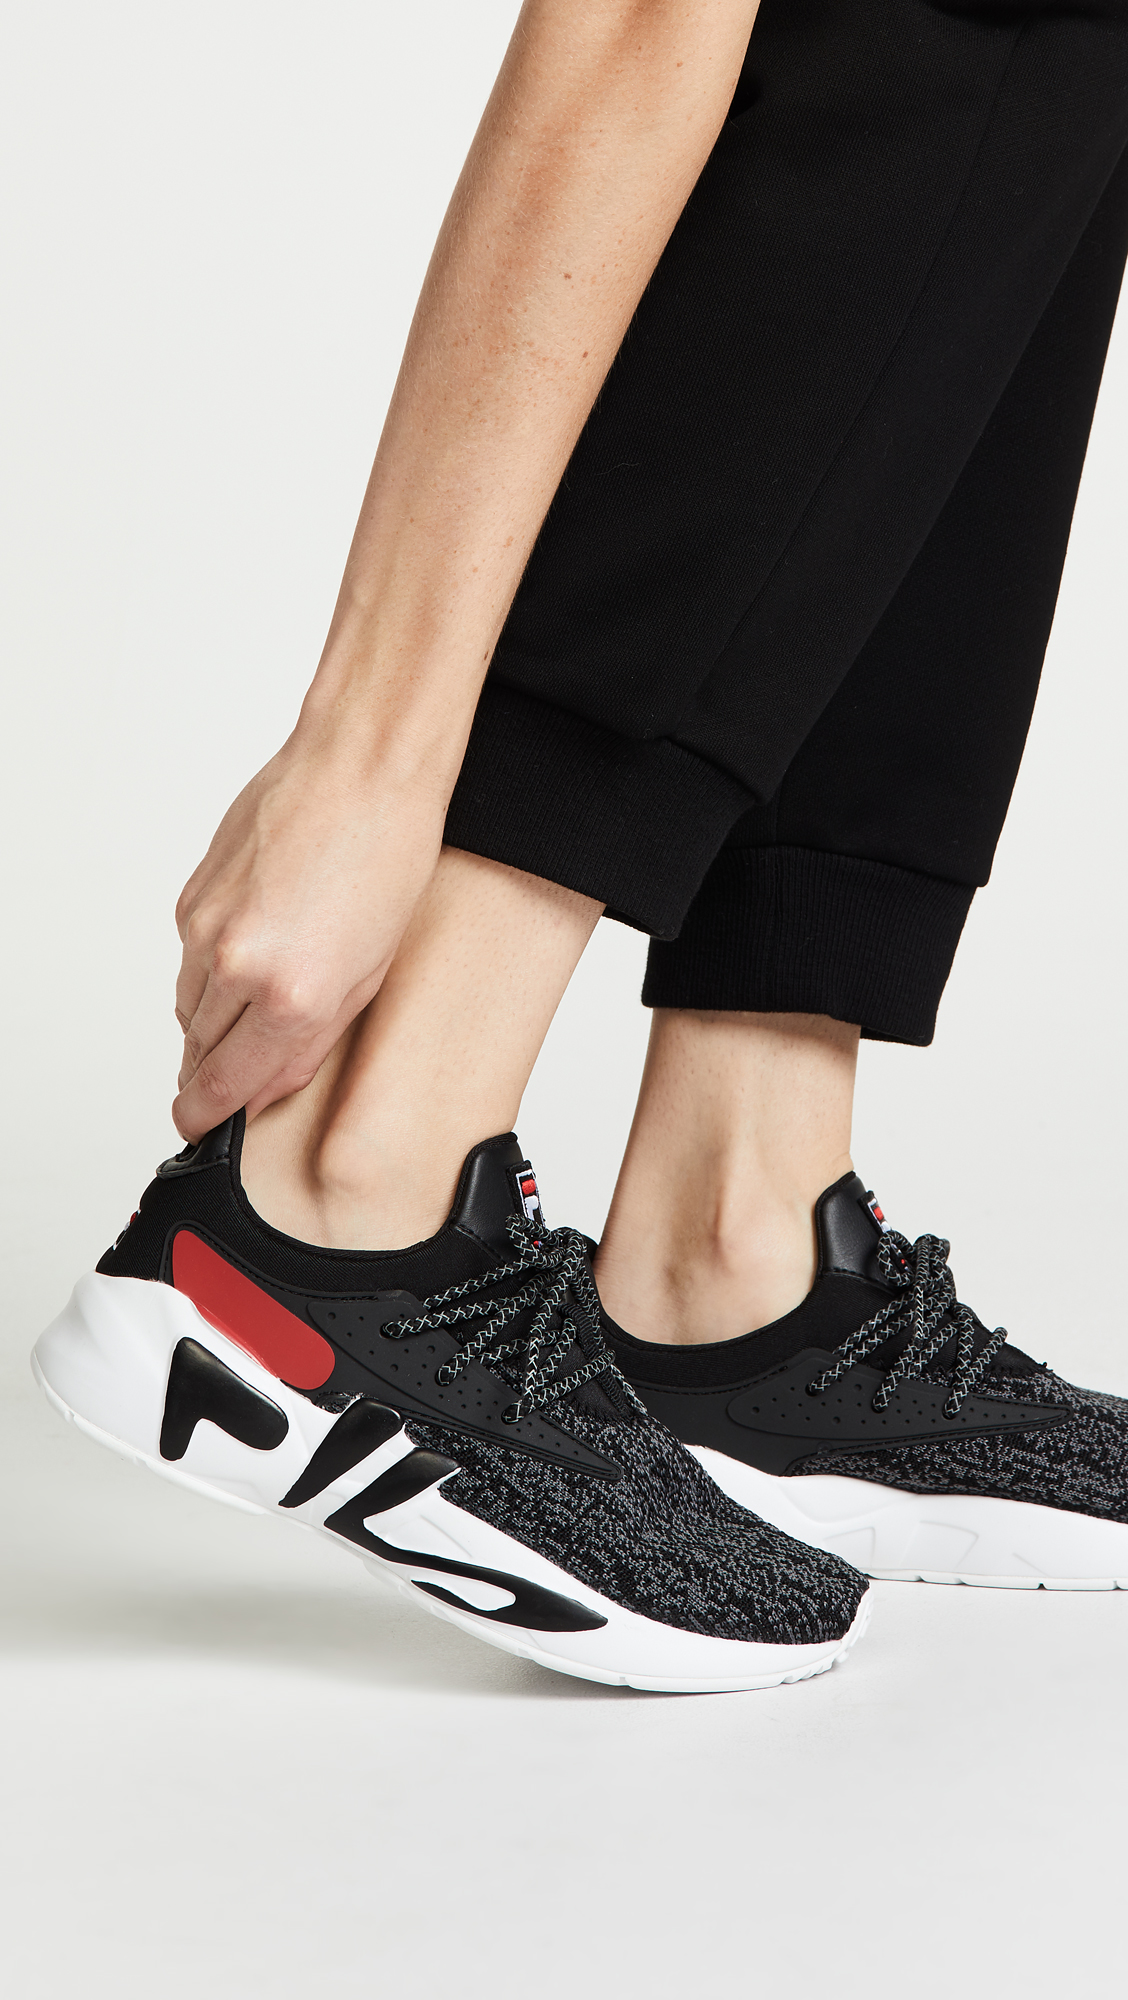 4079cec8dbd4 Fila Mindbreaker Sneakers